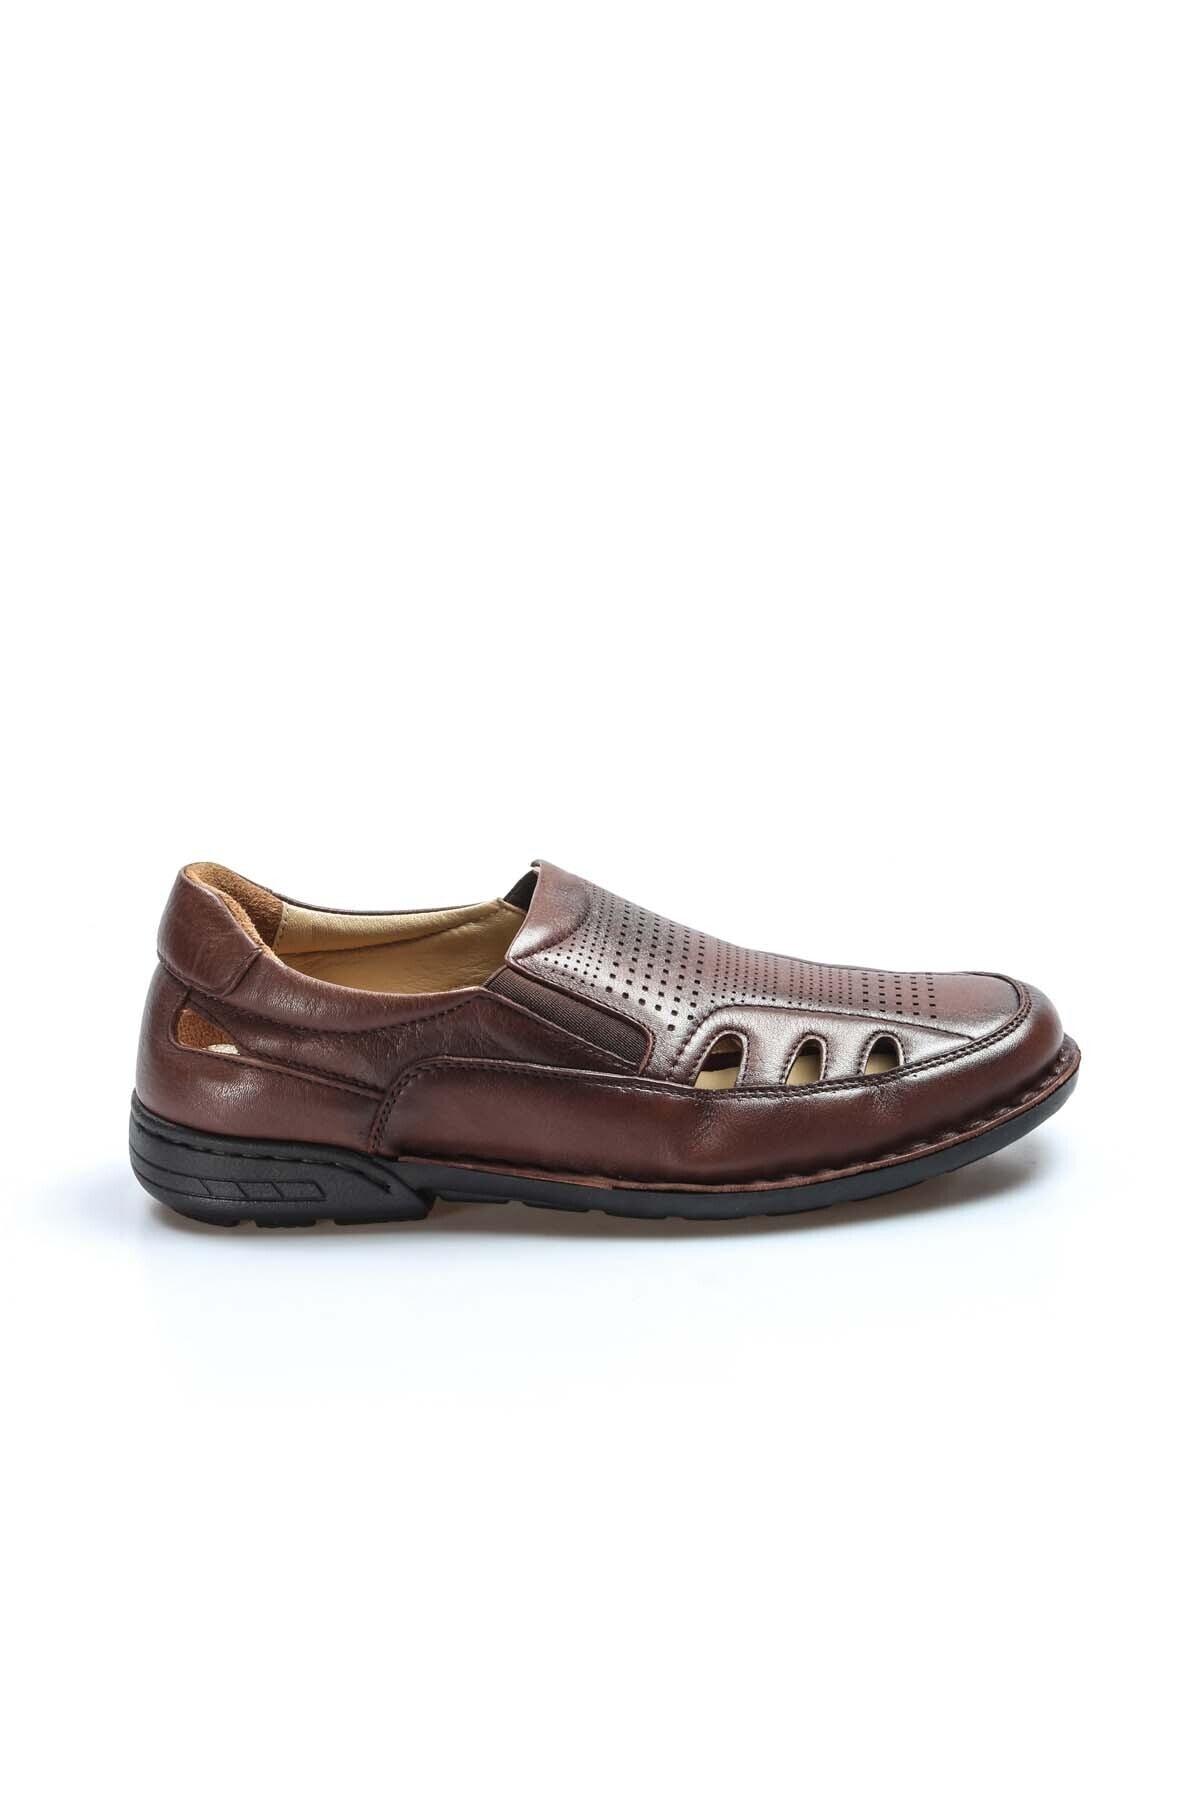 Hakiki Deri Ortopedik Taba Erkek Klasik Sandalet 662ma118kt